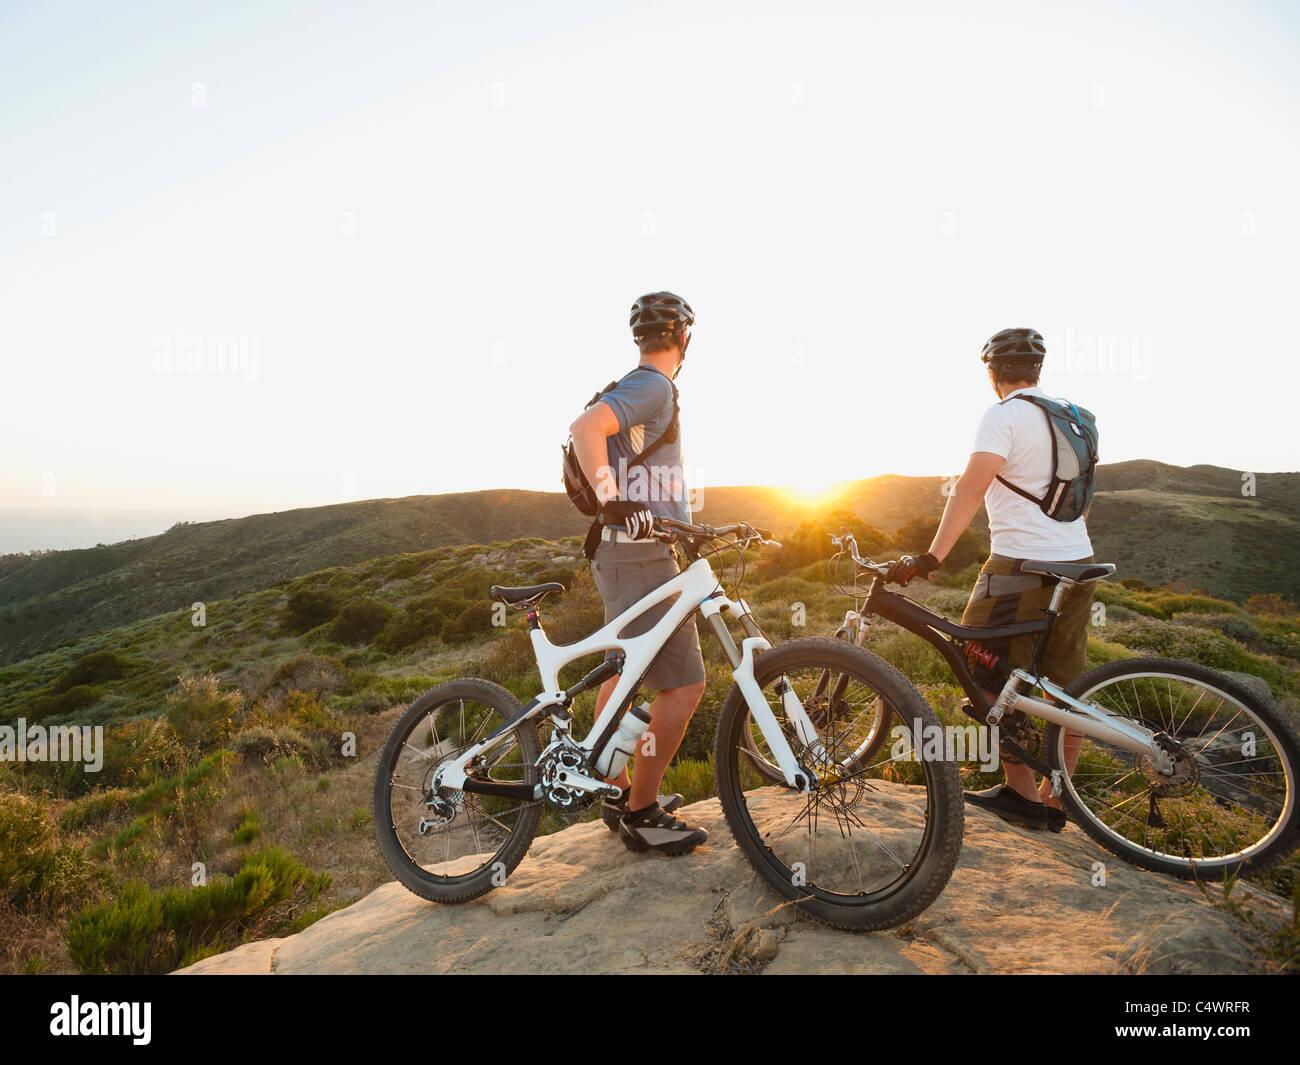 Stati Uniti d'America,California,Laguna Beach,due biker sulla collina guardando a vista Immagini Stock